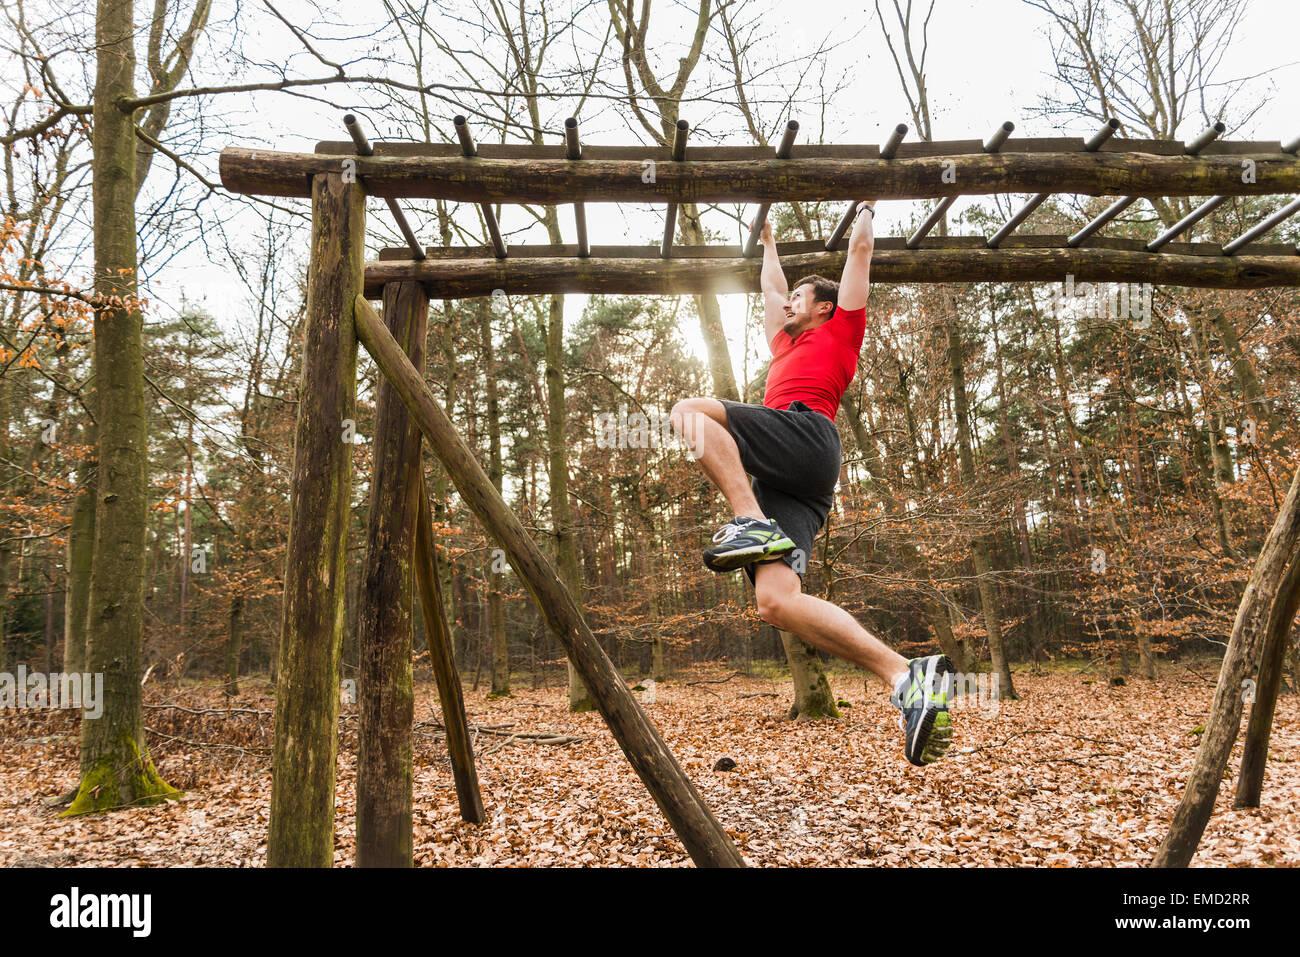 Klettergerüst Hangeln : Junger mann am klettergerüst hangeln stockfoto bild: 81422203 alamy